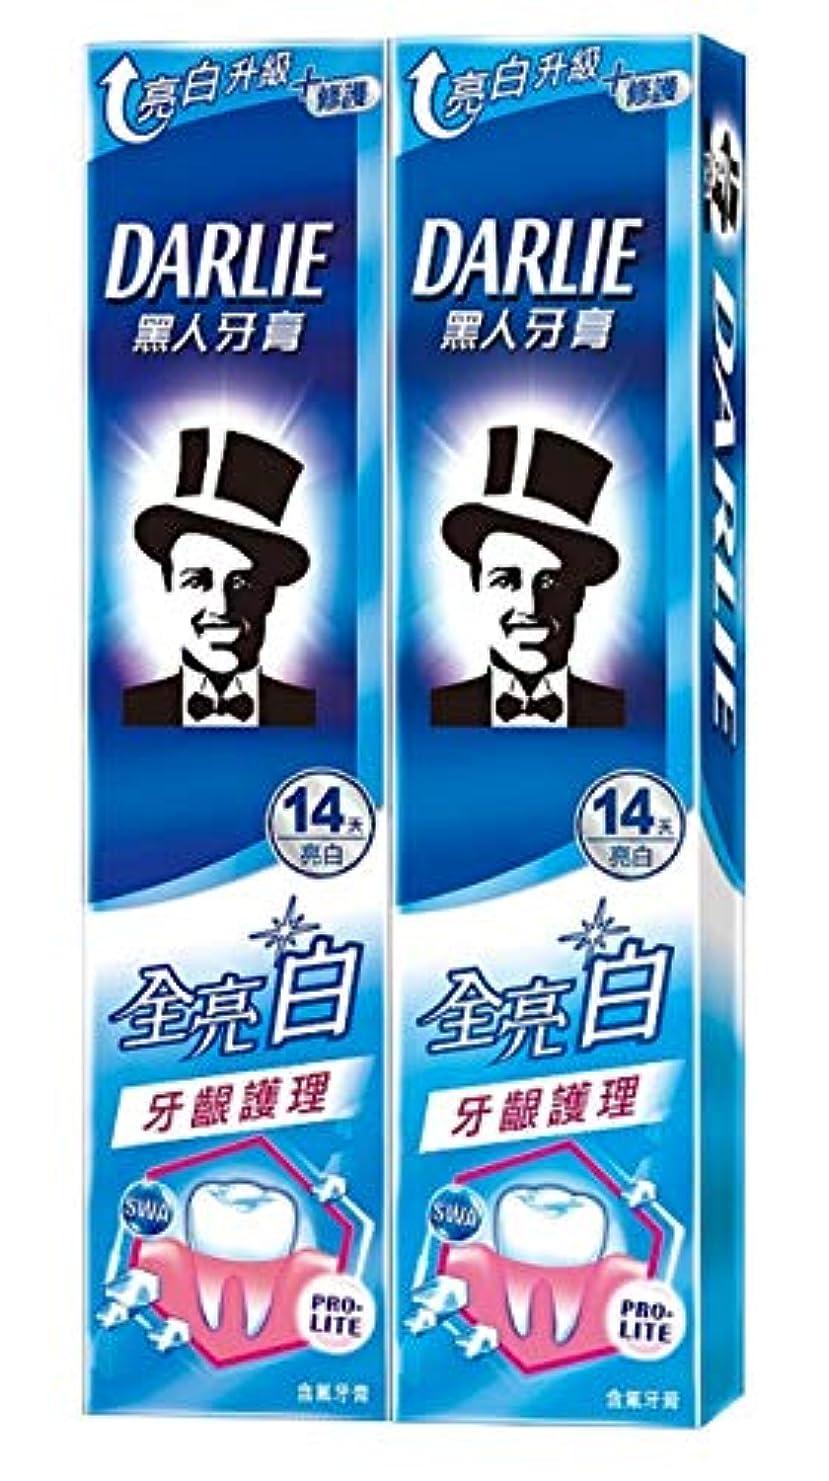 ポーチオーケストラ礼儀黑人全亮白牙齦護理牙膏 歯茎ケア 歯磨き粉 140g×2個 [並行輸入品]